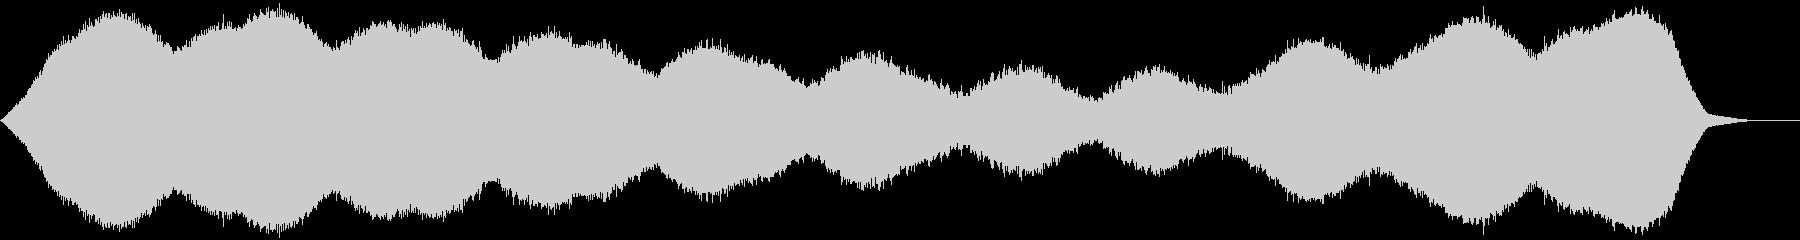 【アンビエント】ドローン_16 実験音の未再生の波形